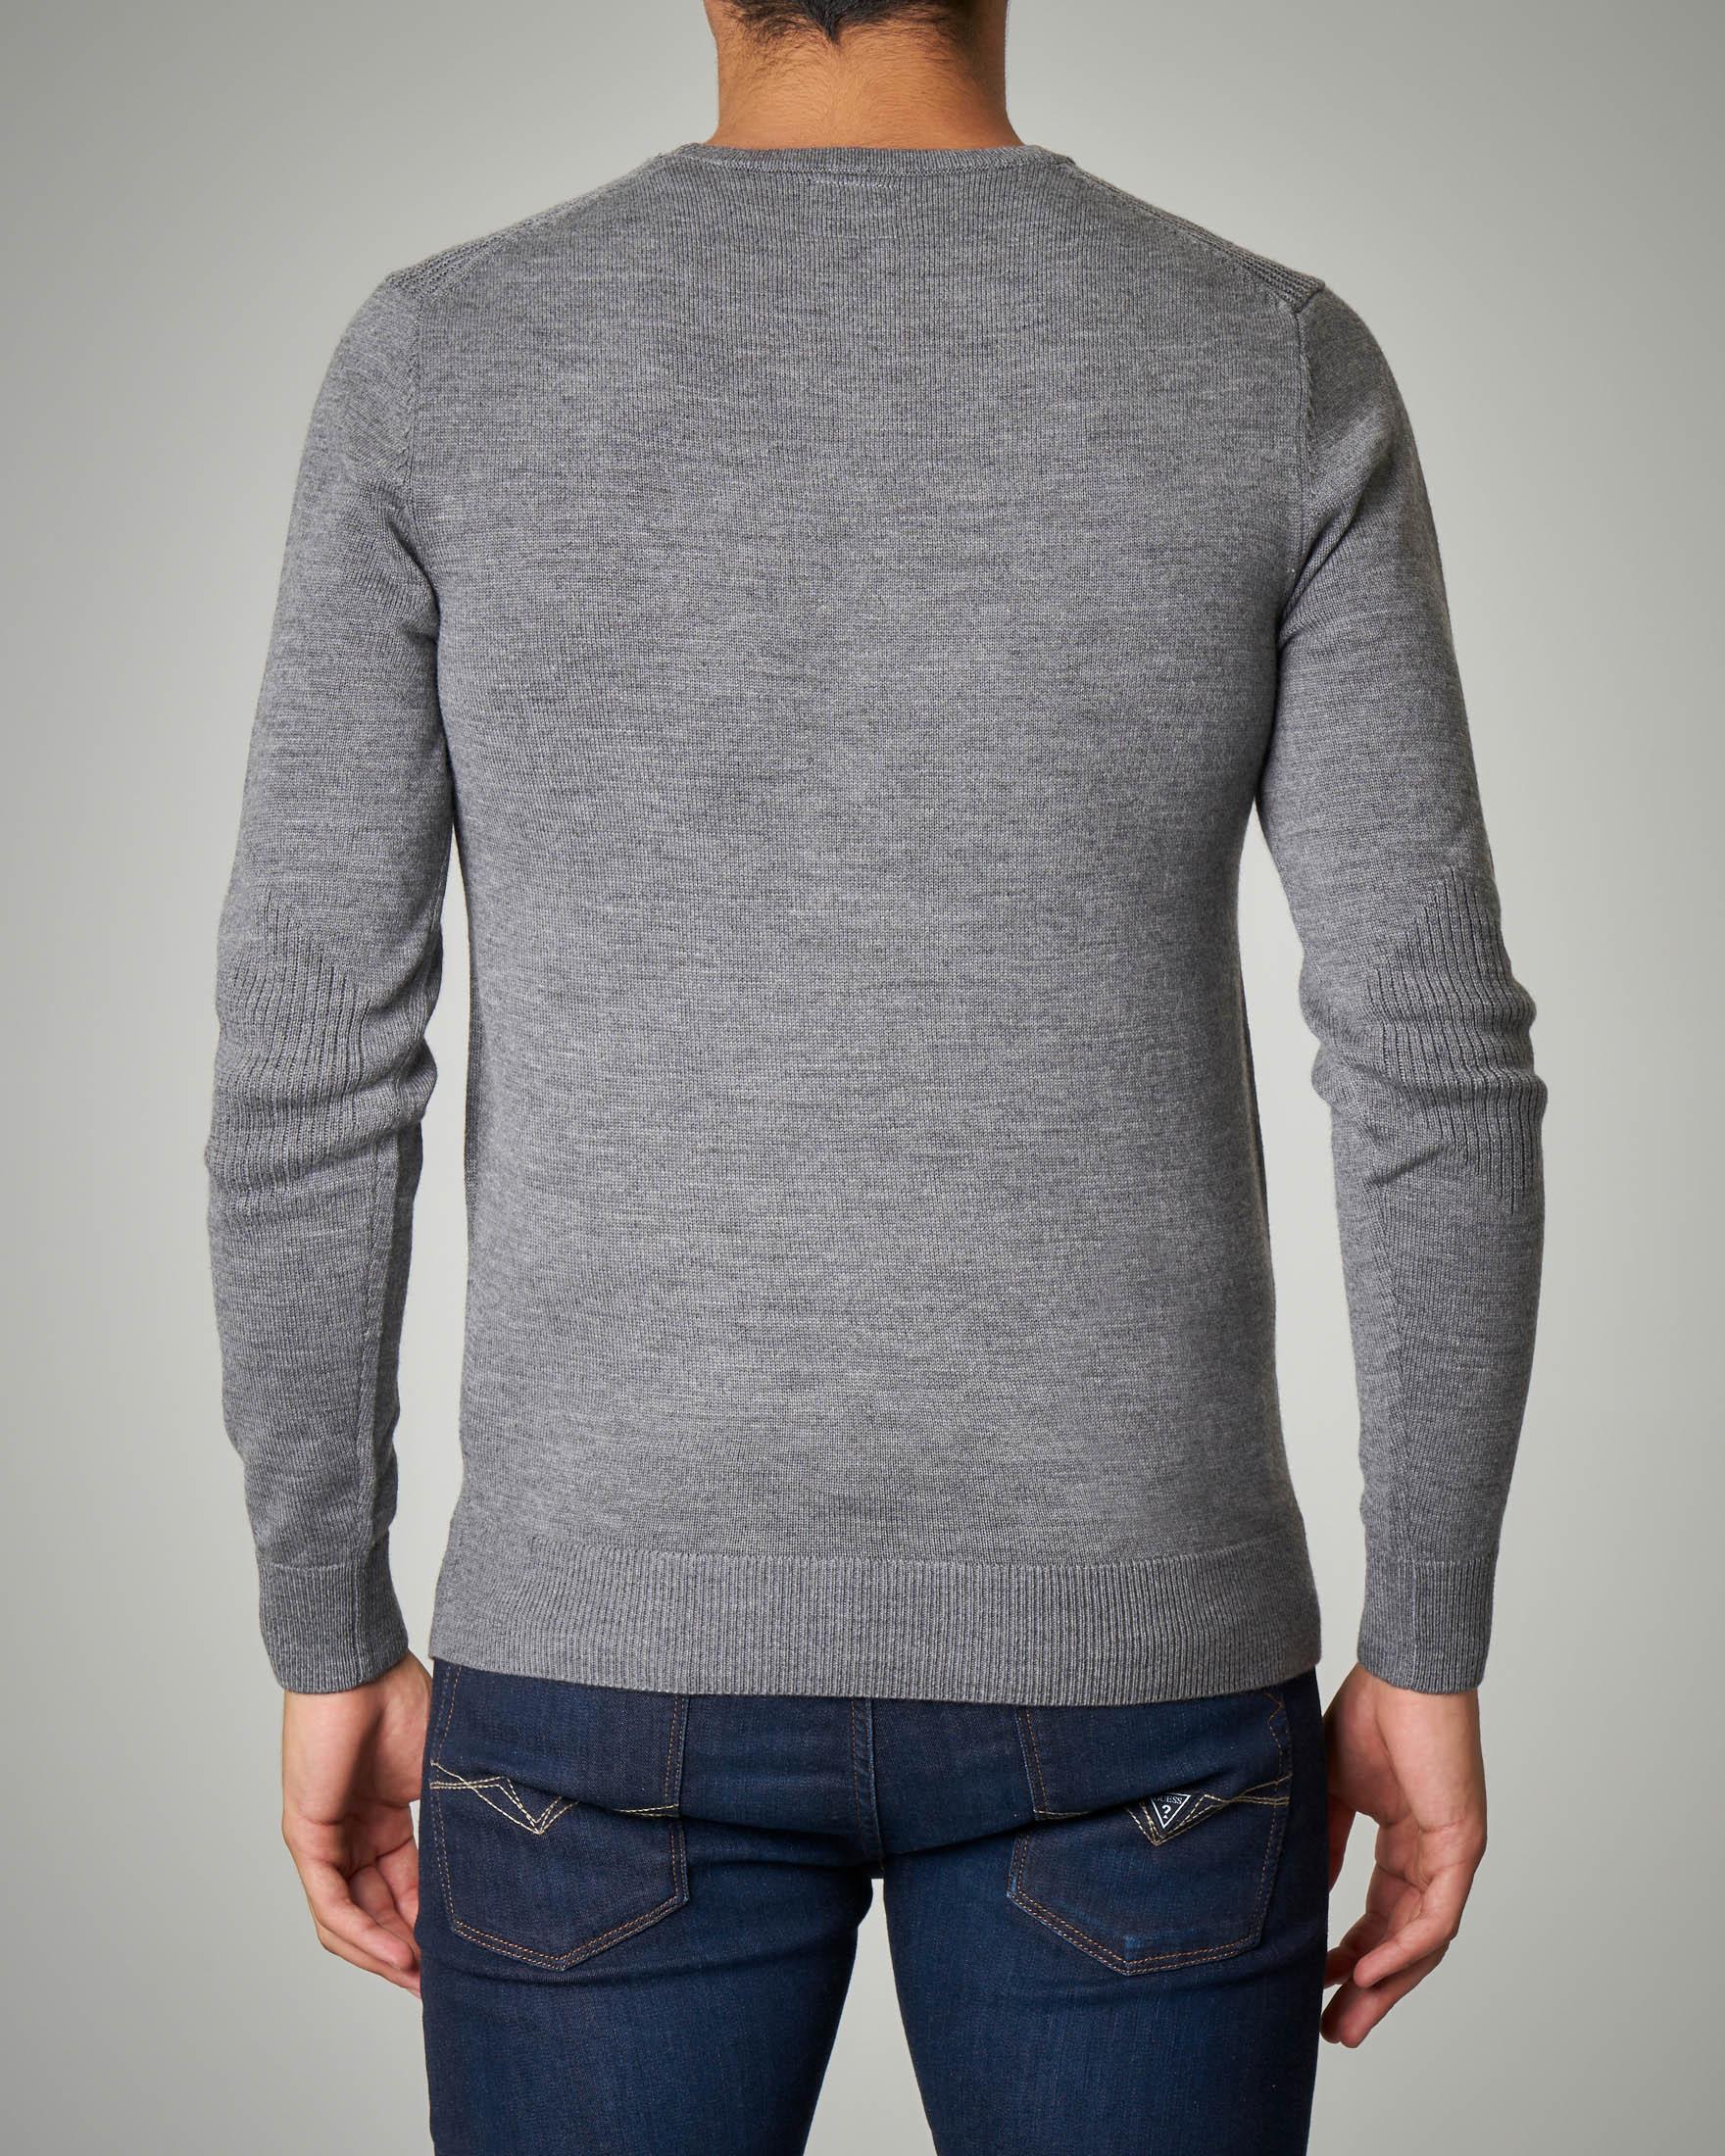 Maglia grigio chiaro girocollo maxi-logo